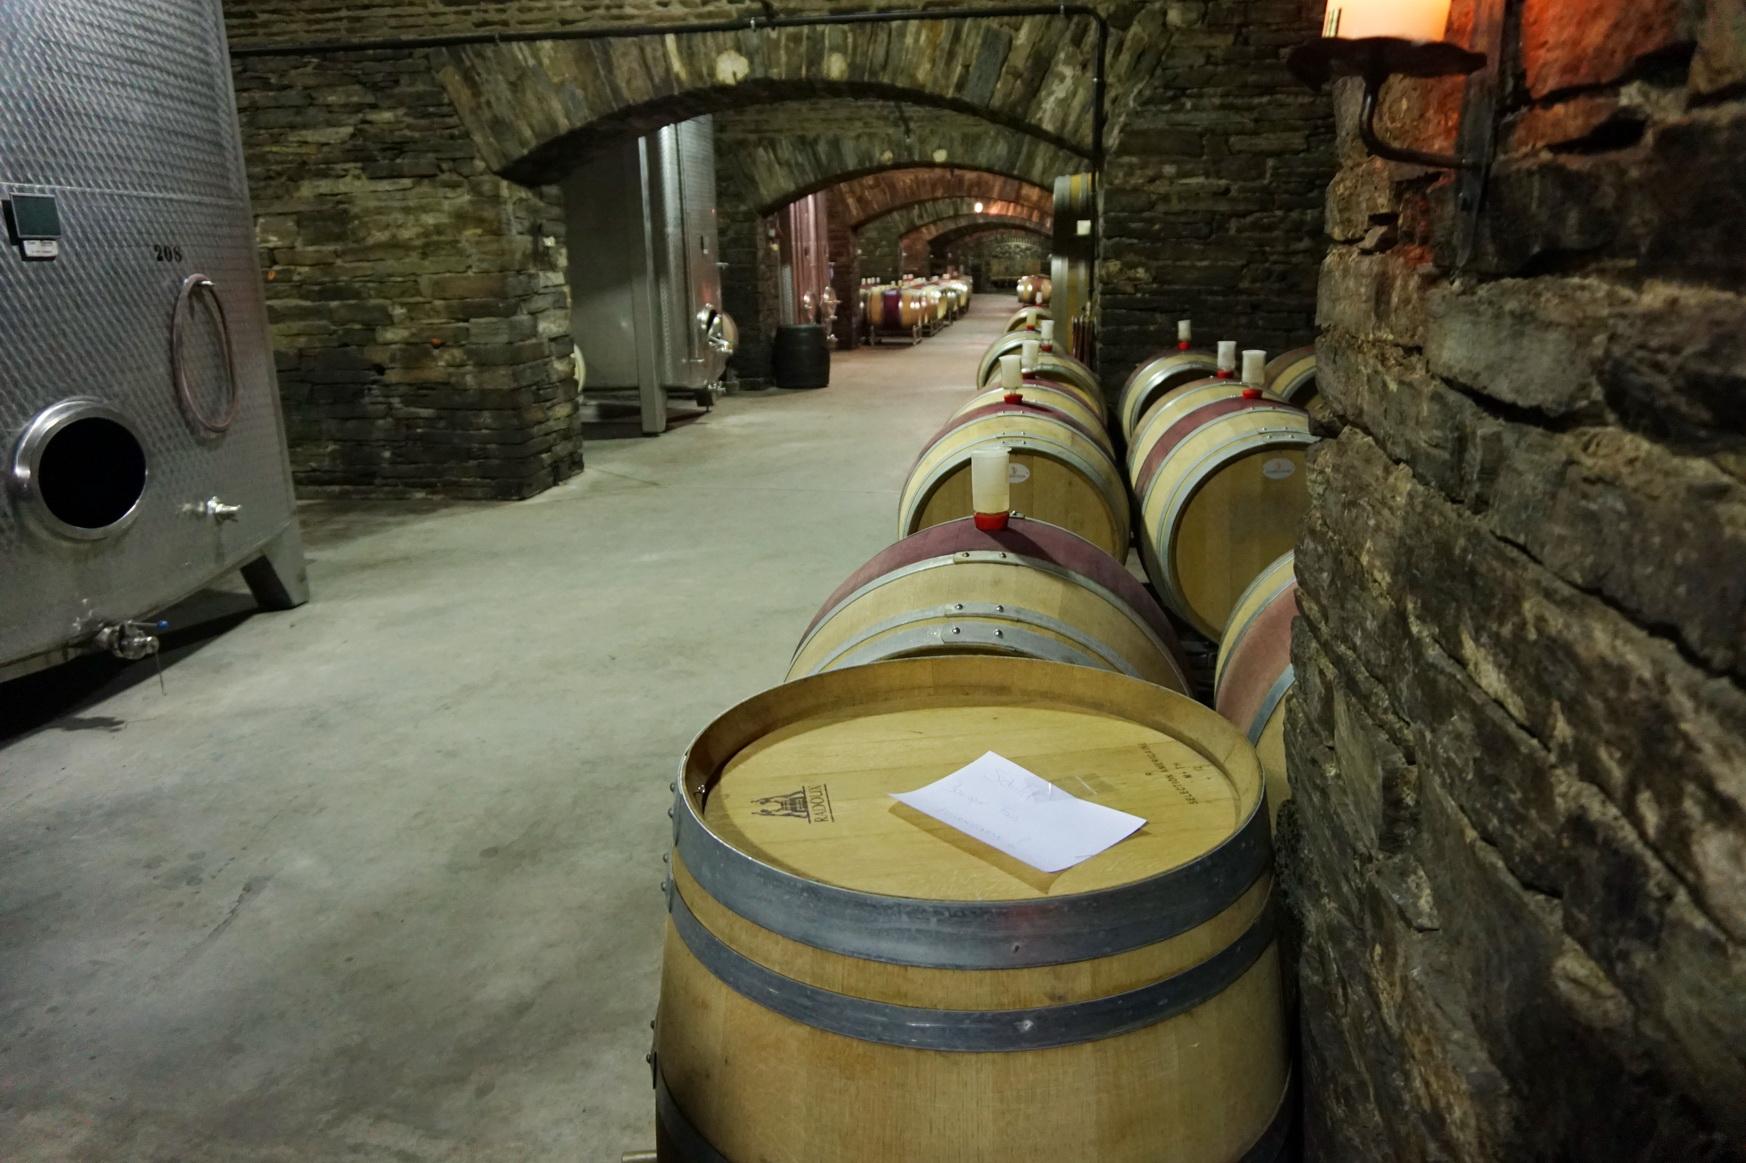 300.000 Liter lagern in den zahlreichen Holzfässern. Rund 1,6 Millionen Liter Wein finden Platz in Weintanks.